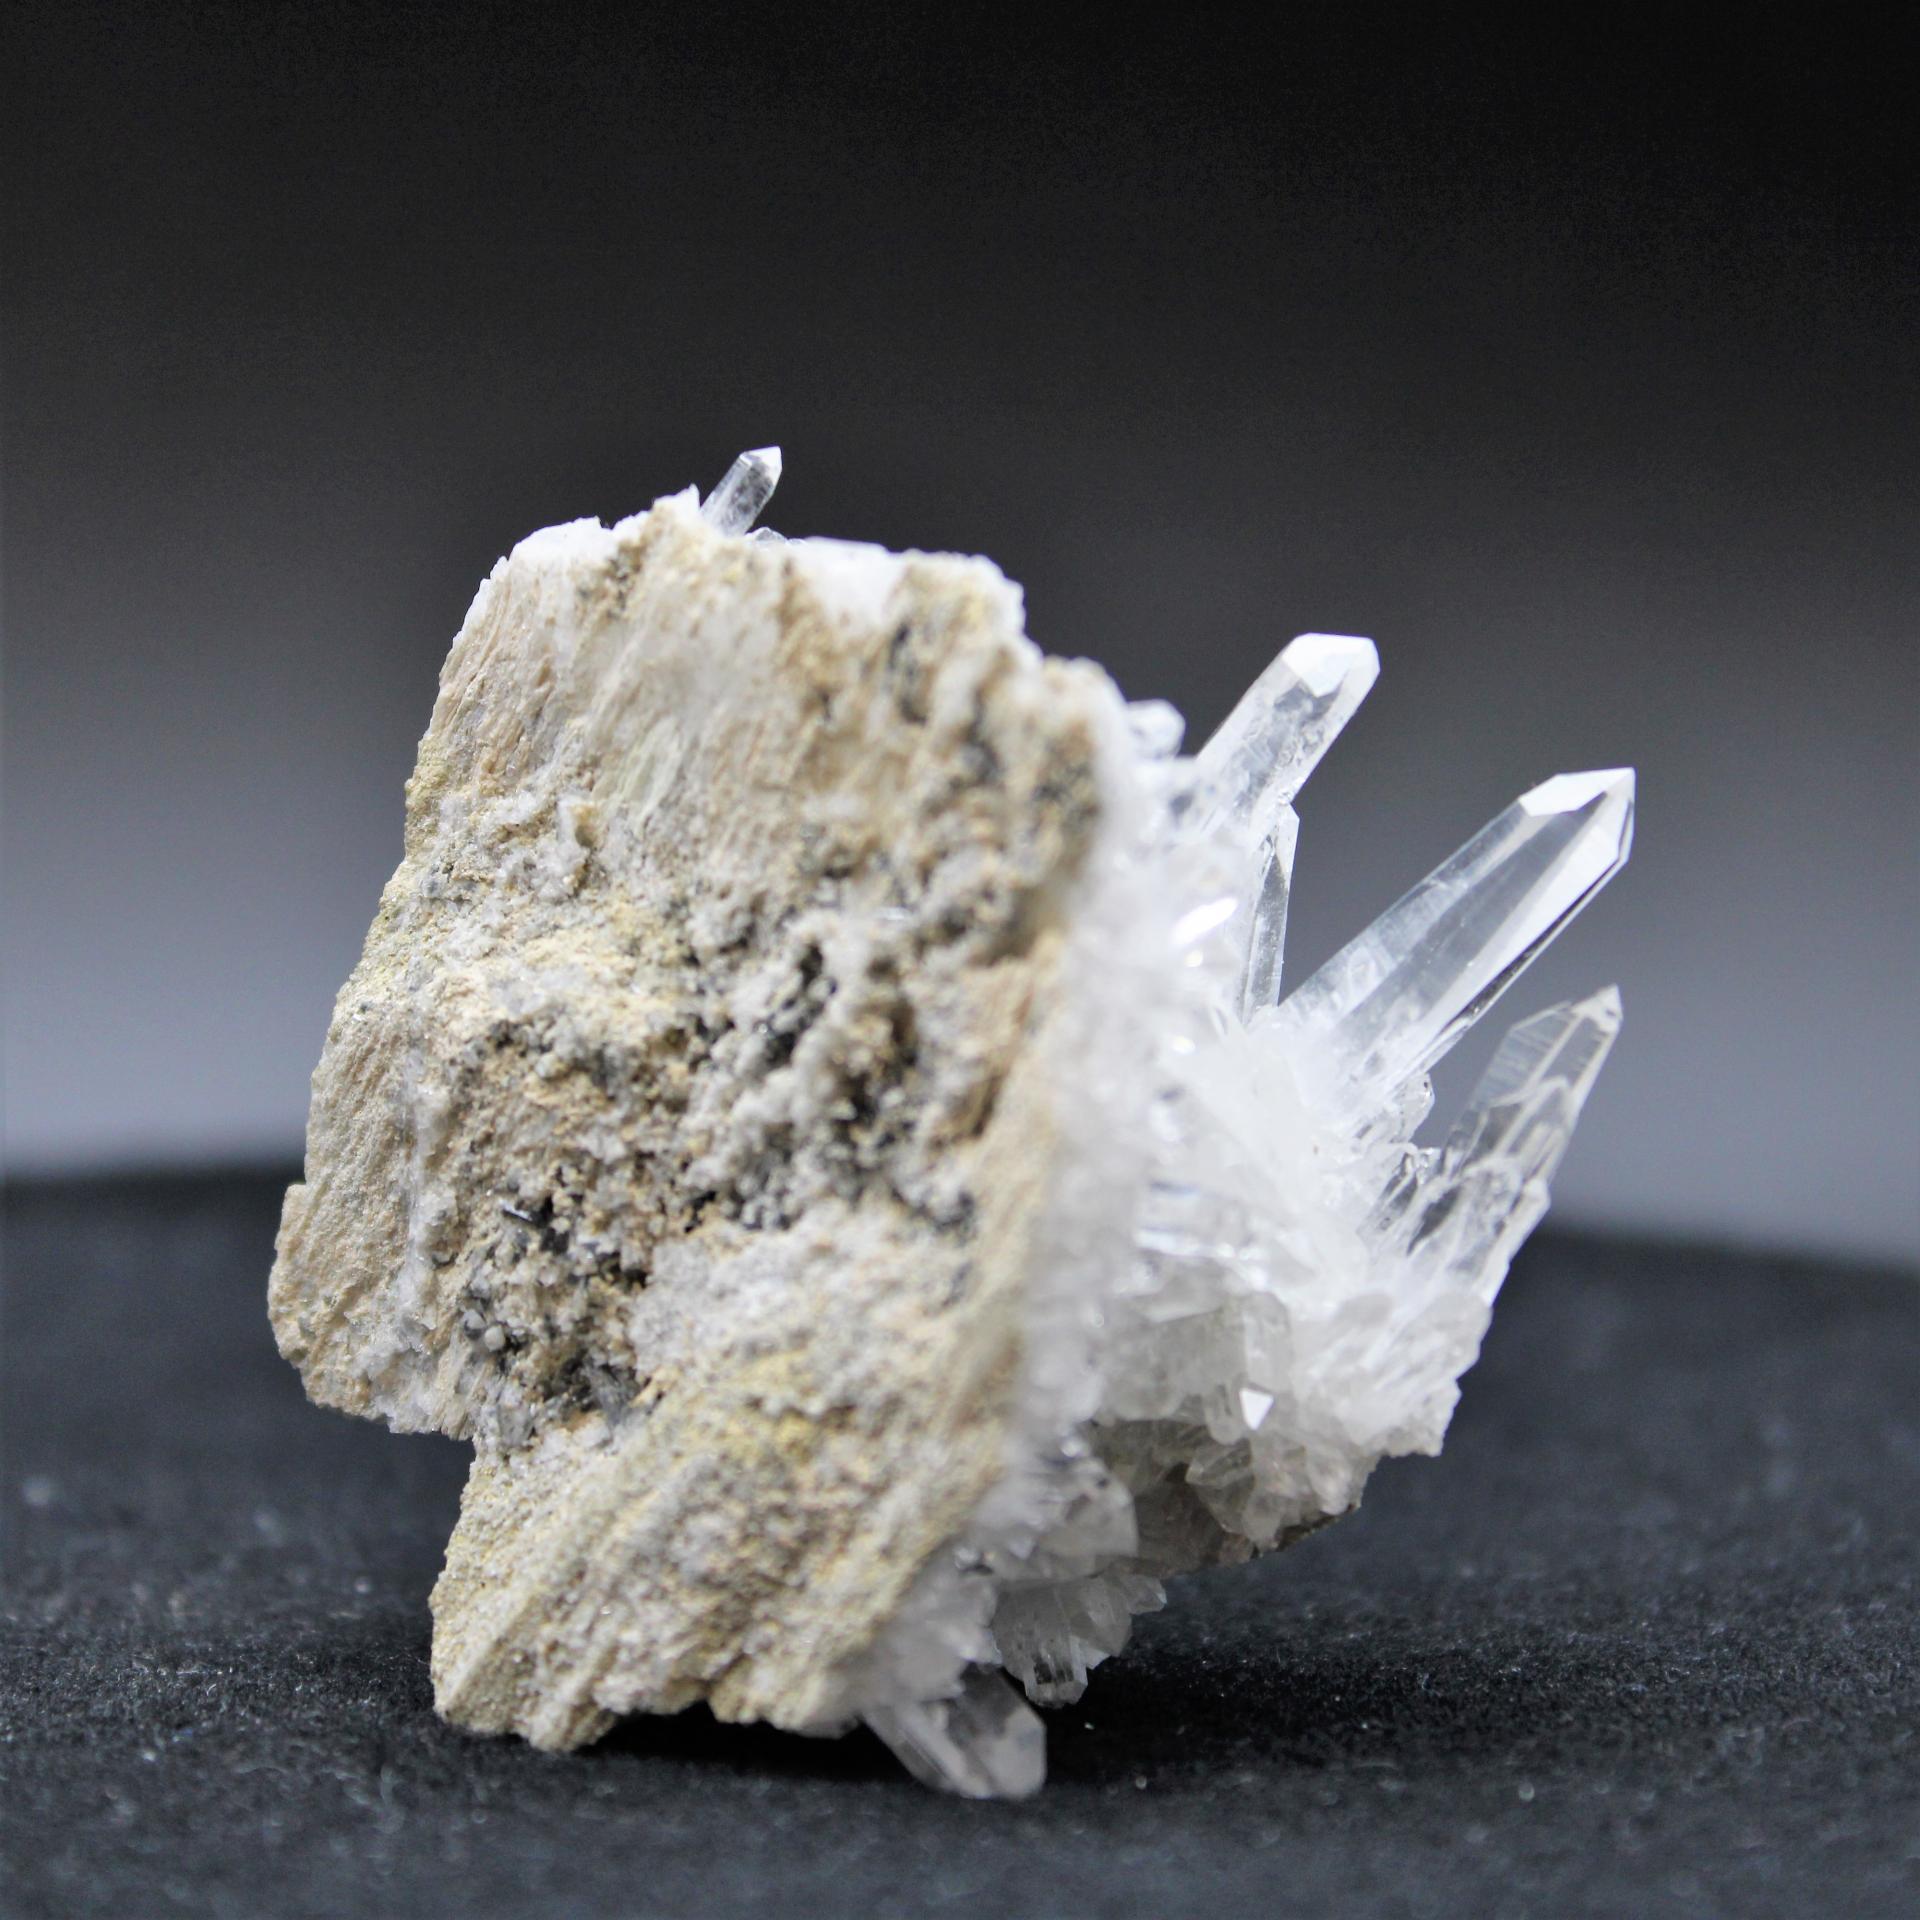 Quartz cristal colombie 85